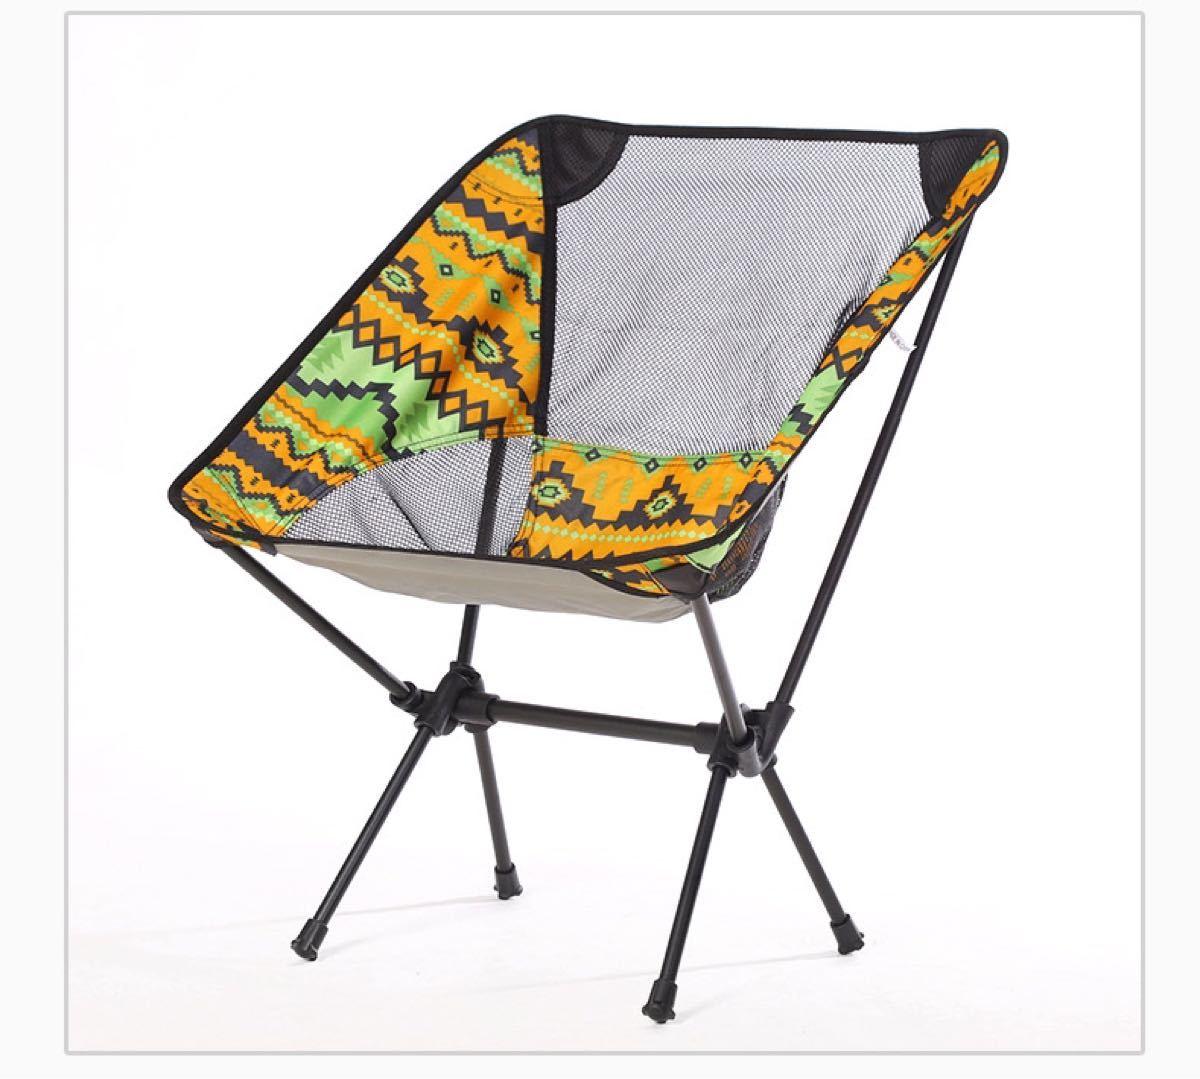 アウトドアチェア 超軽量 折りたたみ キャンプ椅子